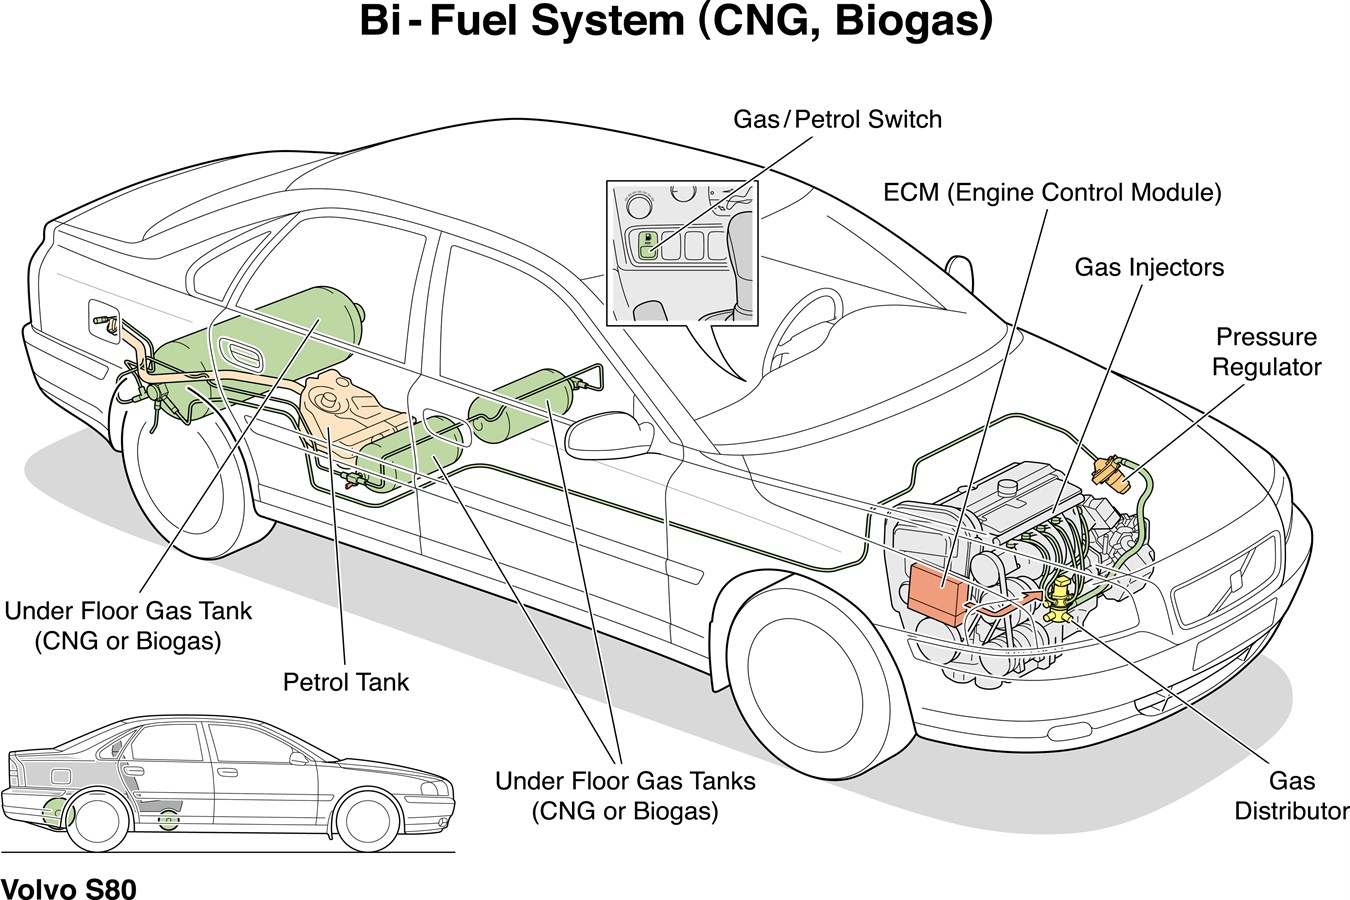 Bi-Fuel: Volvo utvecklar framgångsrika alternativ för